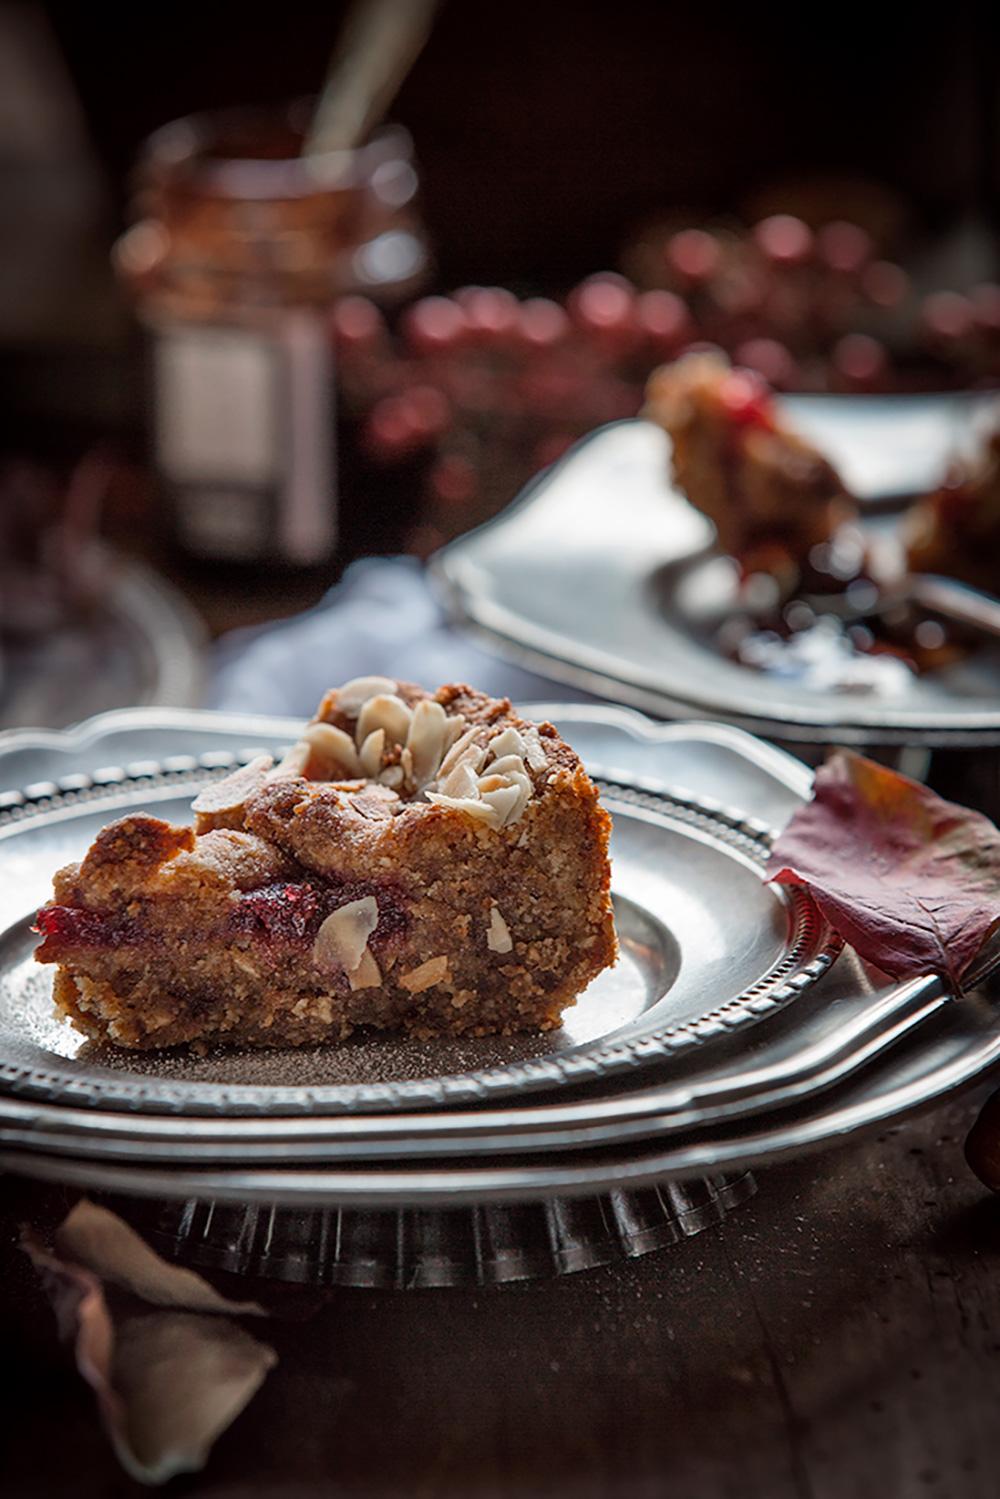 Vegan #LINZER TORTE torta linzer vegan senza glutine - the best #vegan #glutenfree linzer torte Christmas #almond #hazelnut